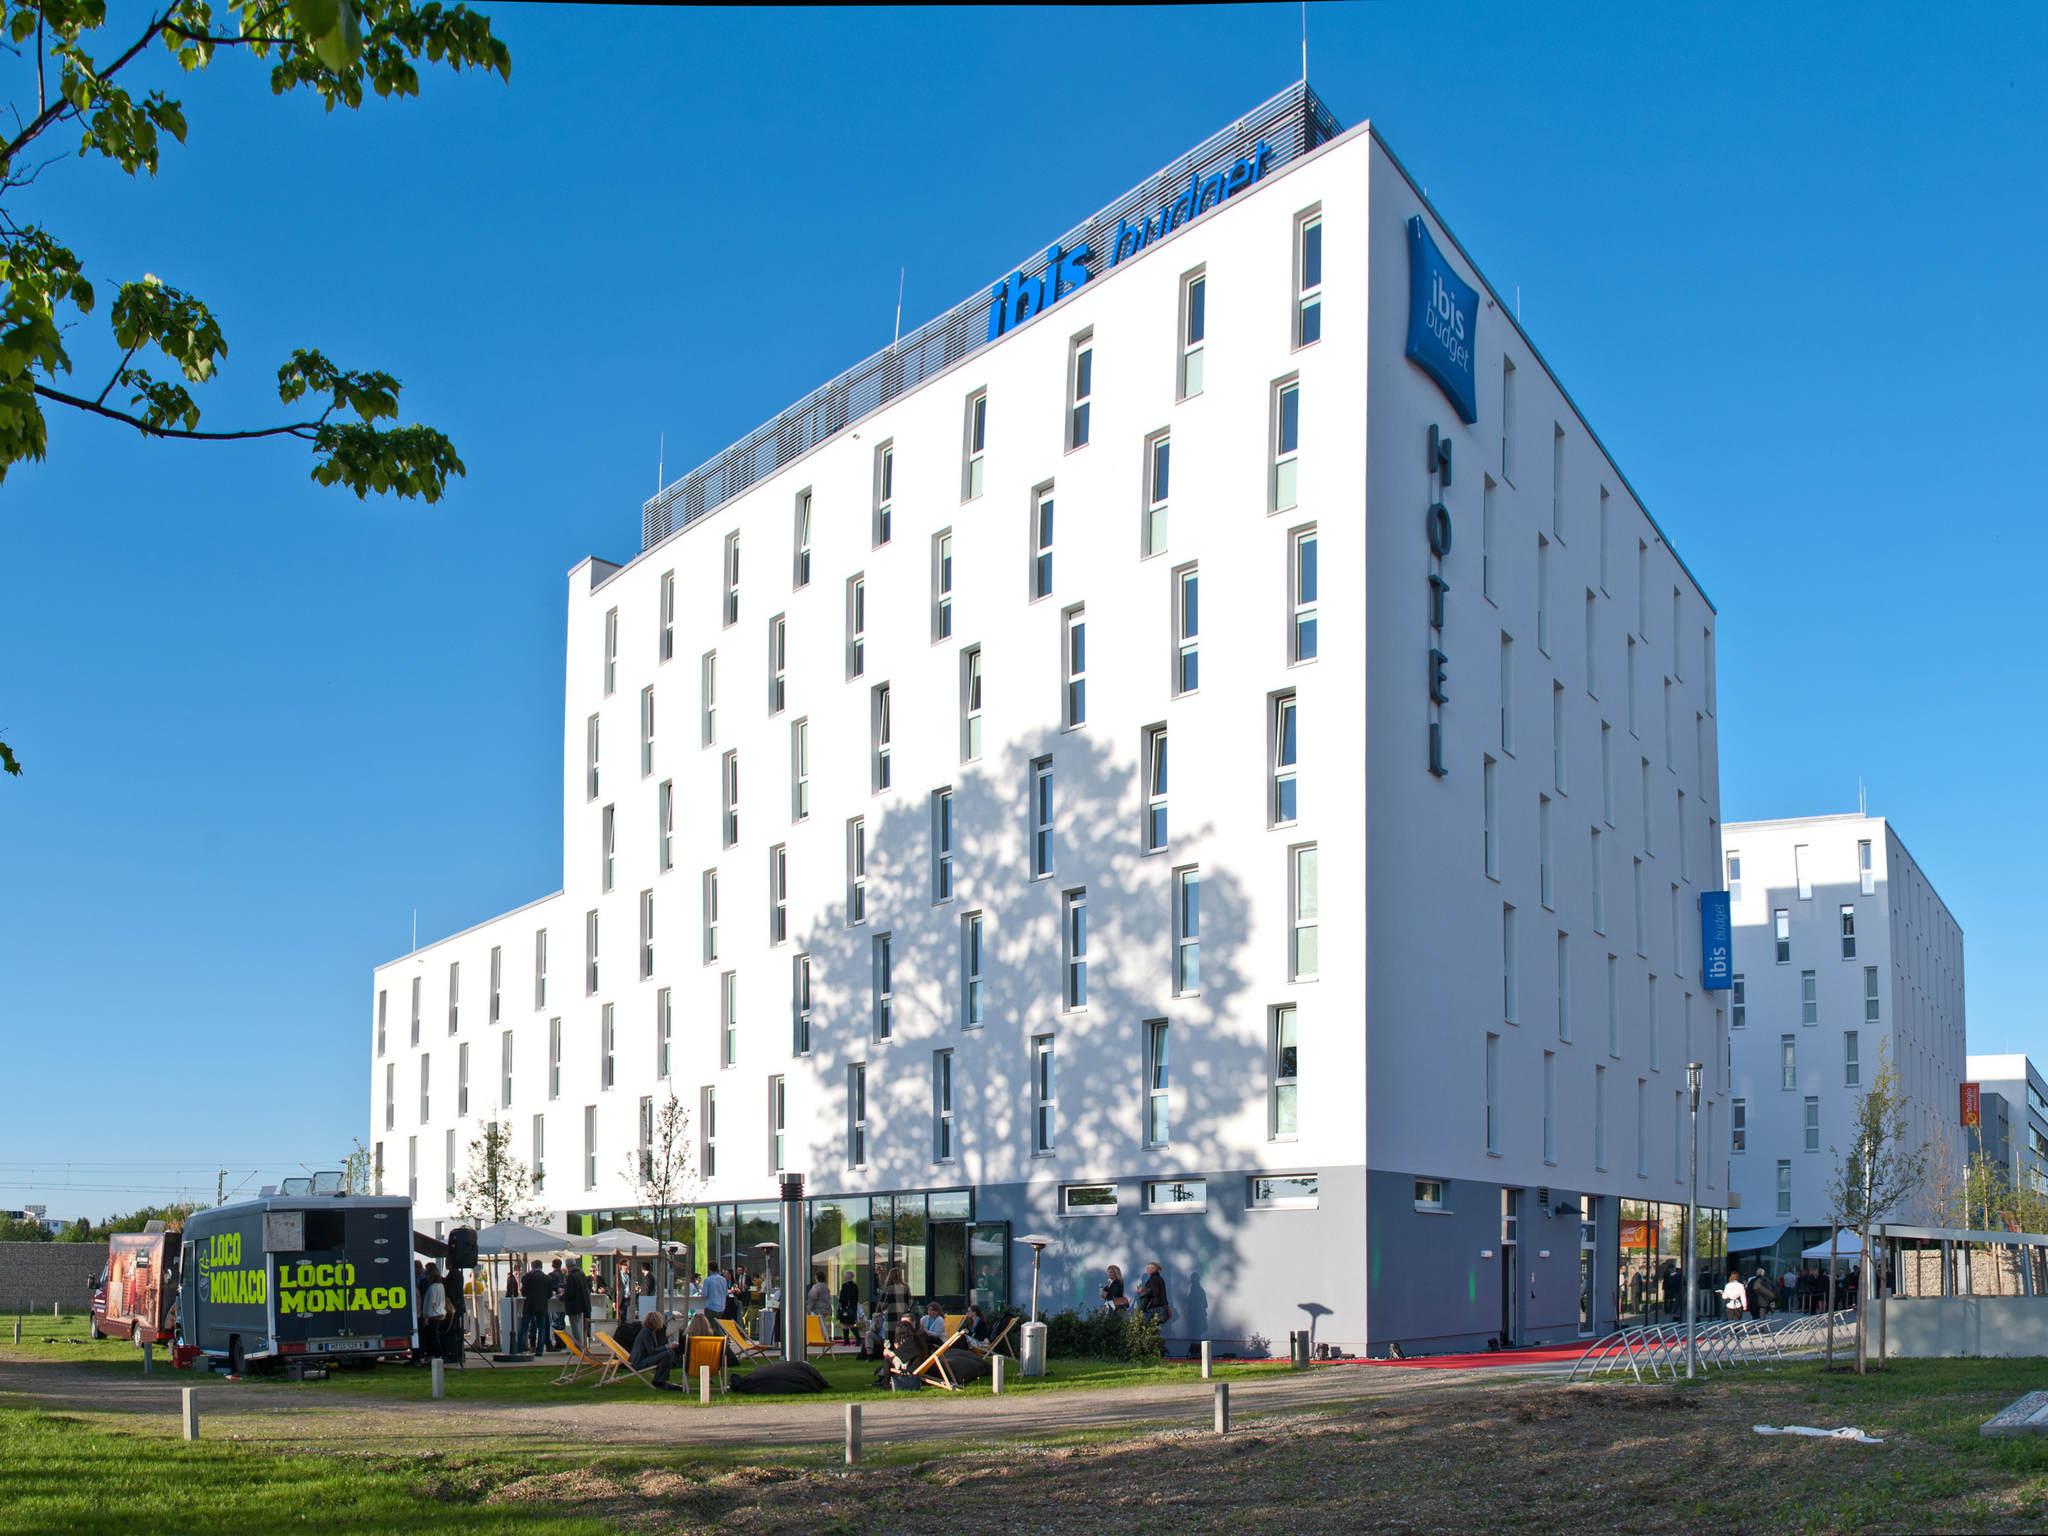 โรงแรม – ไอบิส บัดเจ็ท มุนเช่น ซิตี้ โอลิมเปียปาร์ค